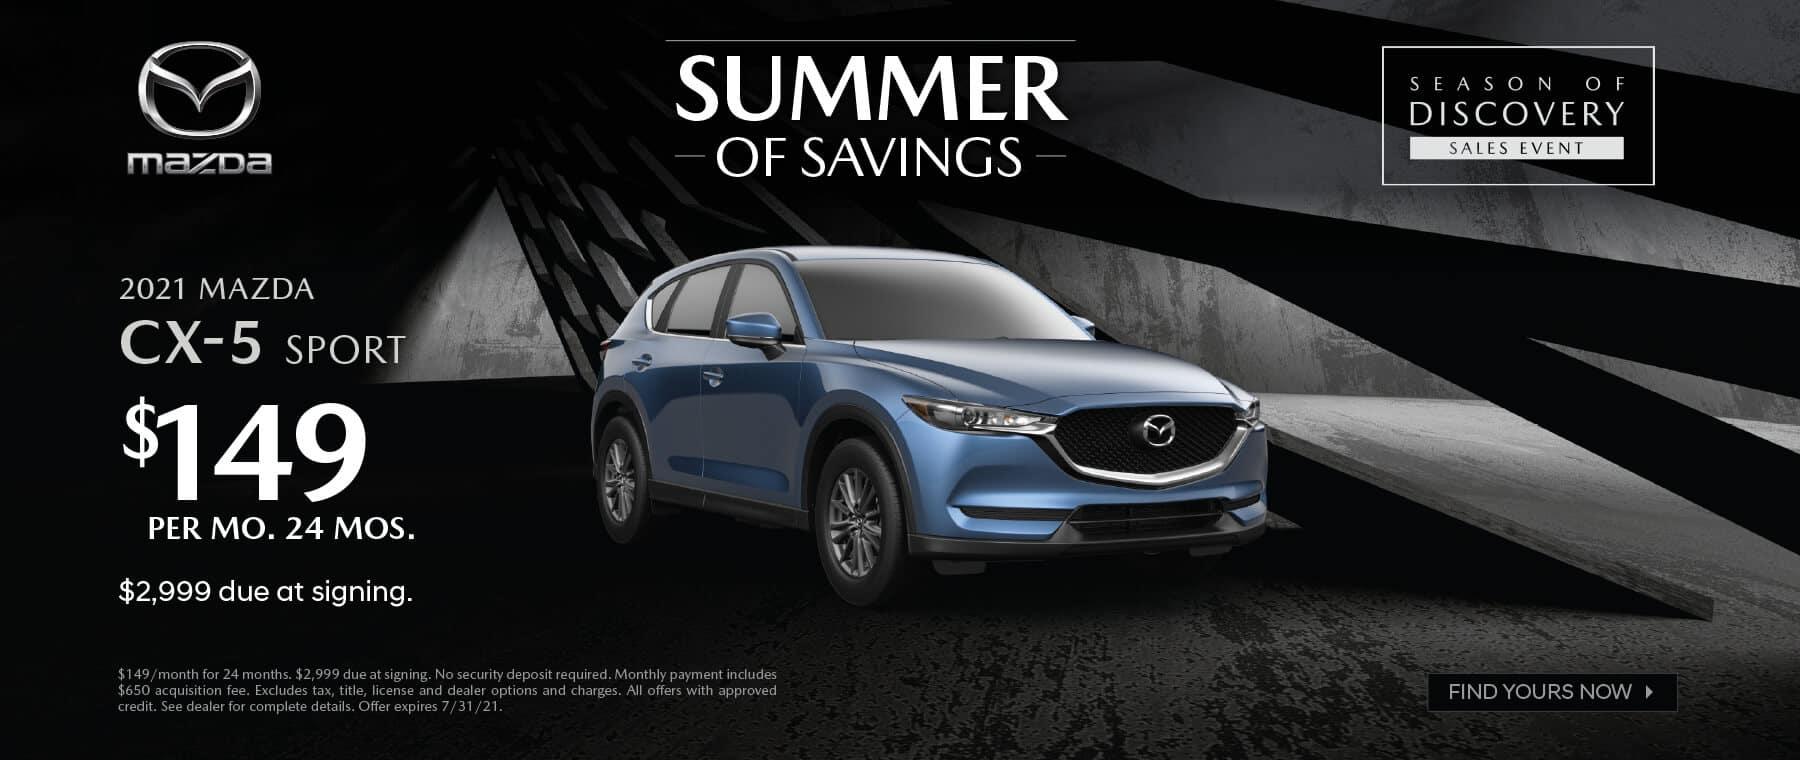 2021.06.02-Keffer-Mazda-JUNE_JULY-Web-Banners-S52475vw-2